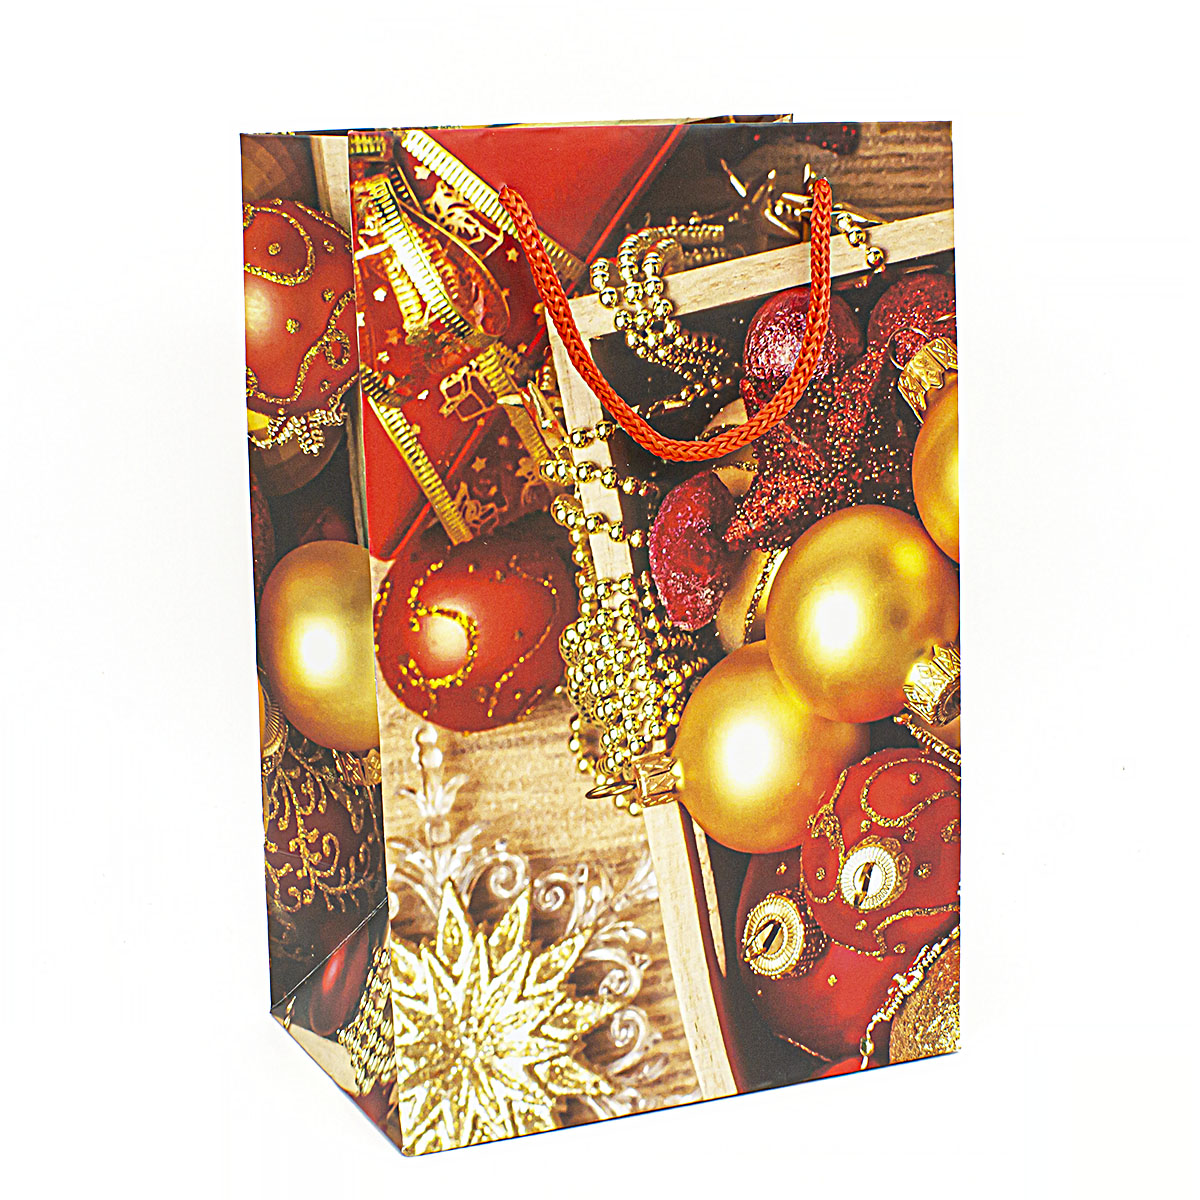 Фото - Пакет подарочный Новогодние игрушки, 23х15 см пакет подарочный новогодние игрушки 23 15 см